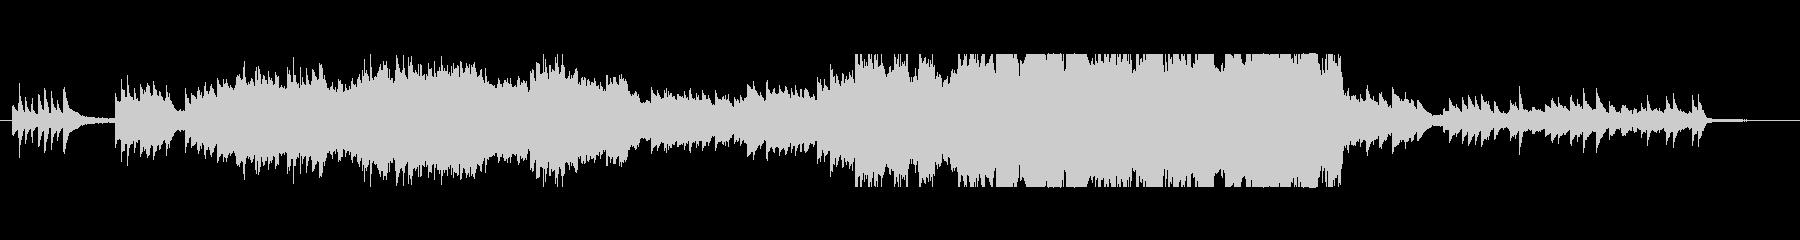 ピアノ主体感動的クライマックス系BGMの未再生の波形